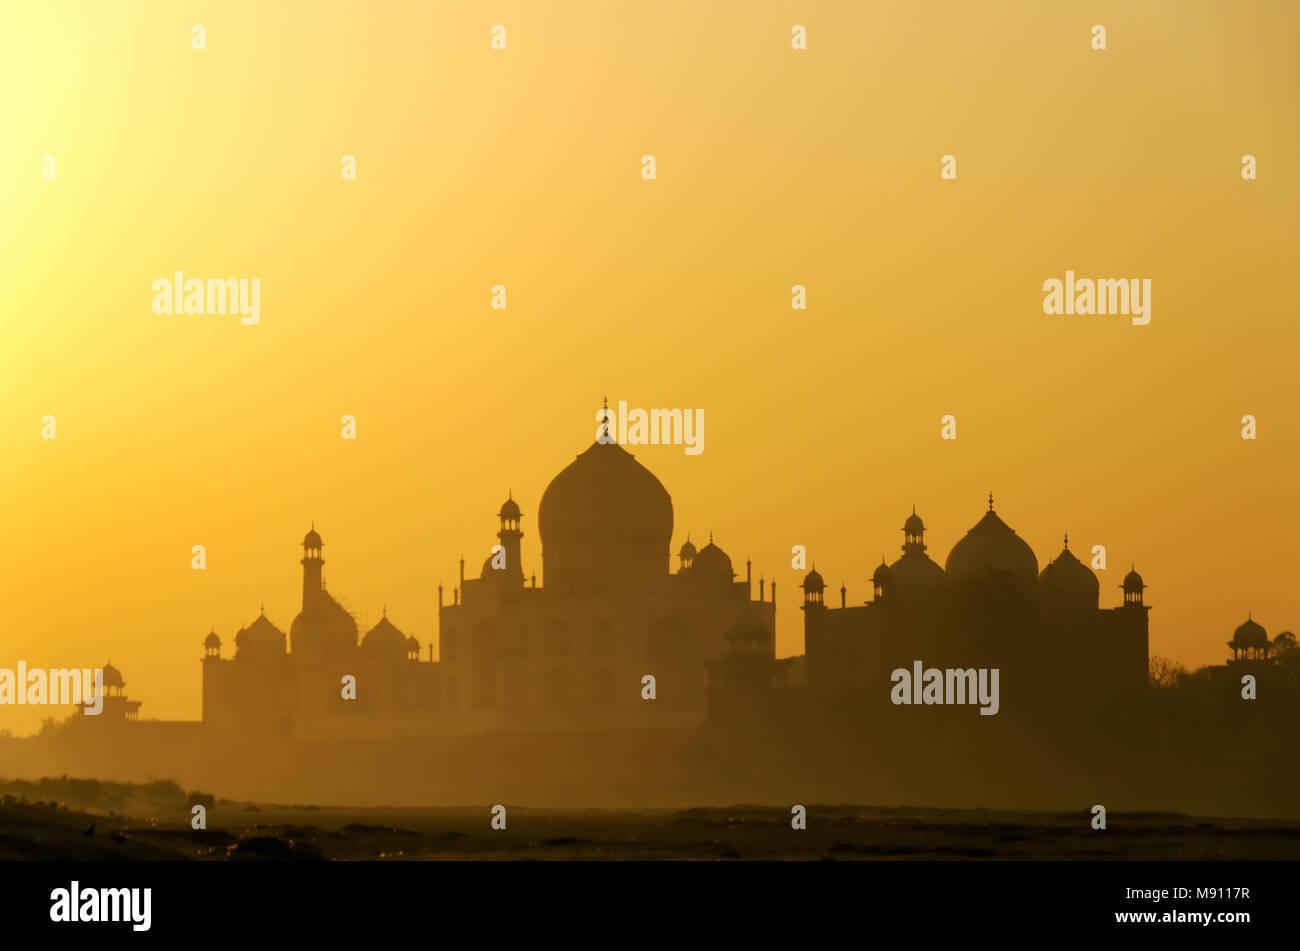 Sonnenaufgang Blick auf das Taj Mahal in Agra, Uttar Pradesh, Indien. Es ist eine der am meisten besuchten Sehenswürdigkeiten in Indien. Stockbild